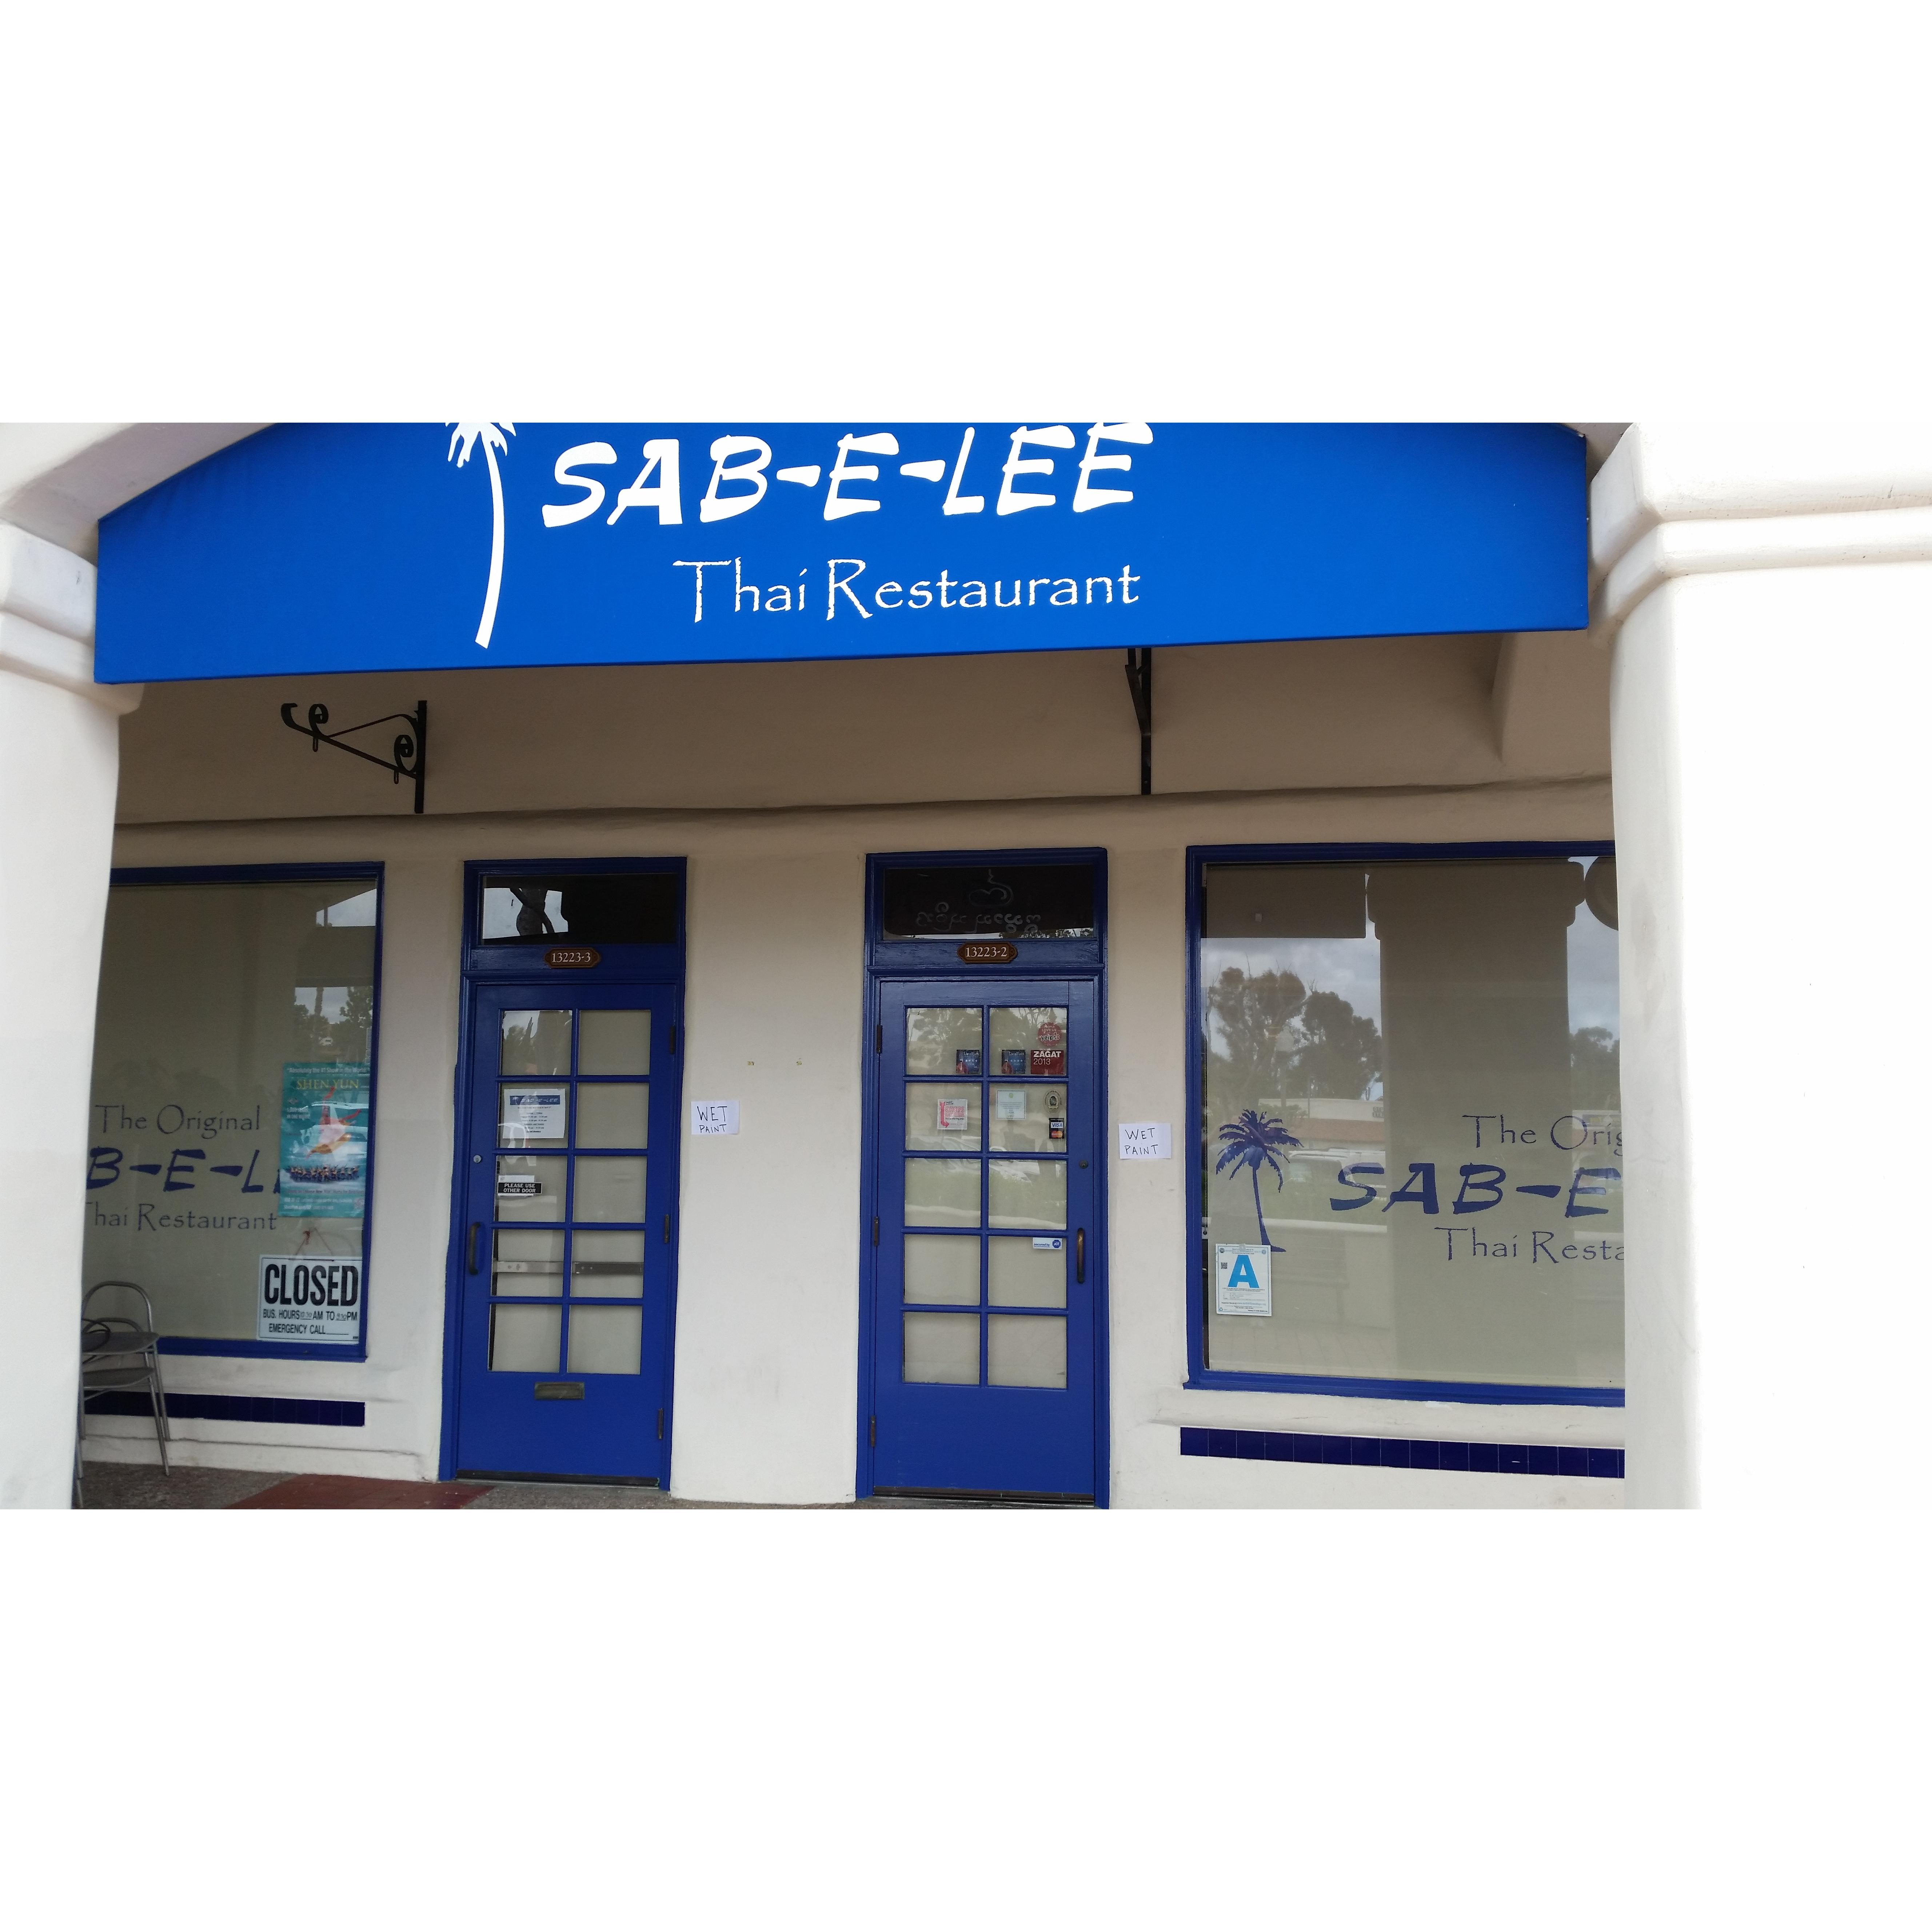 The Original Sab-E-Lee